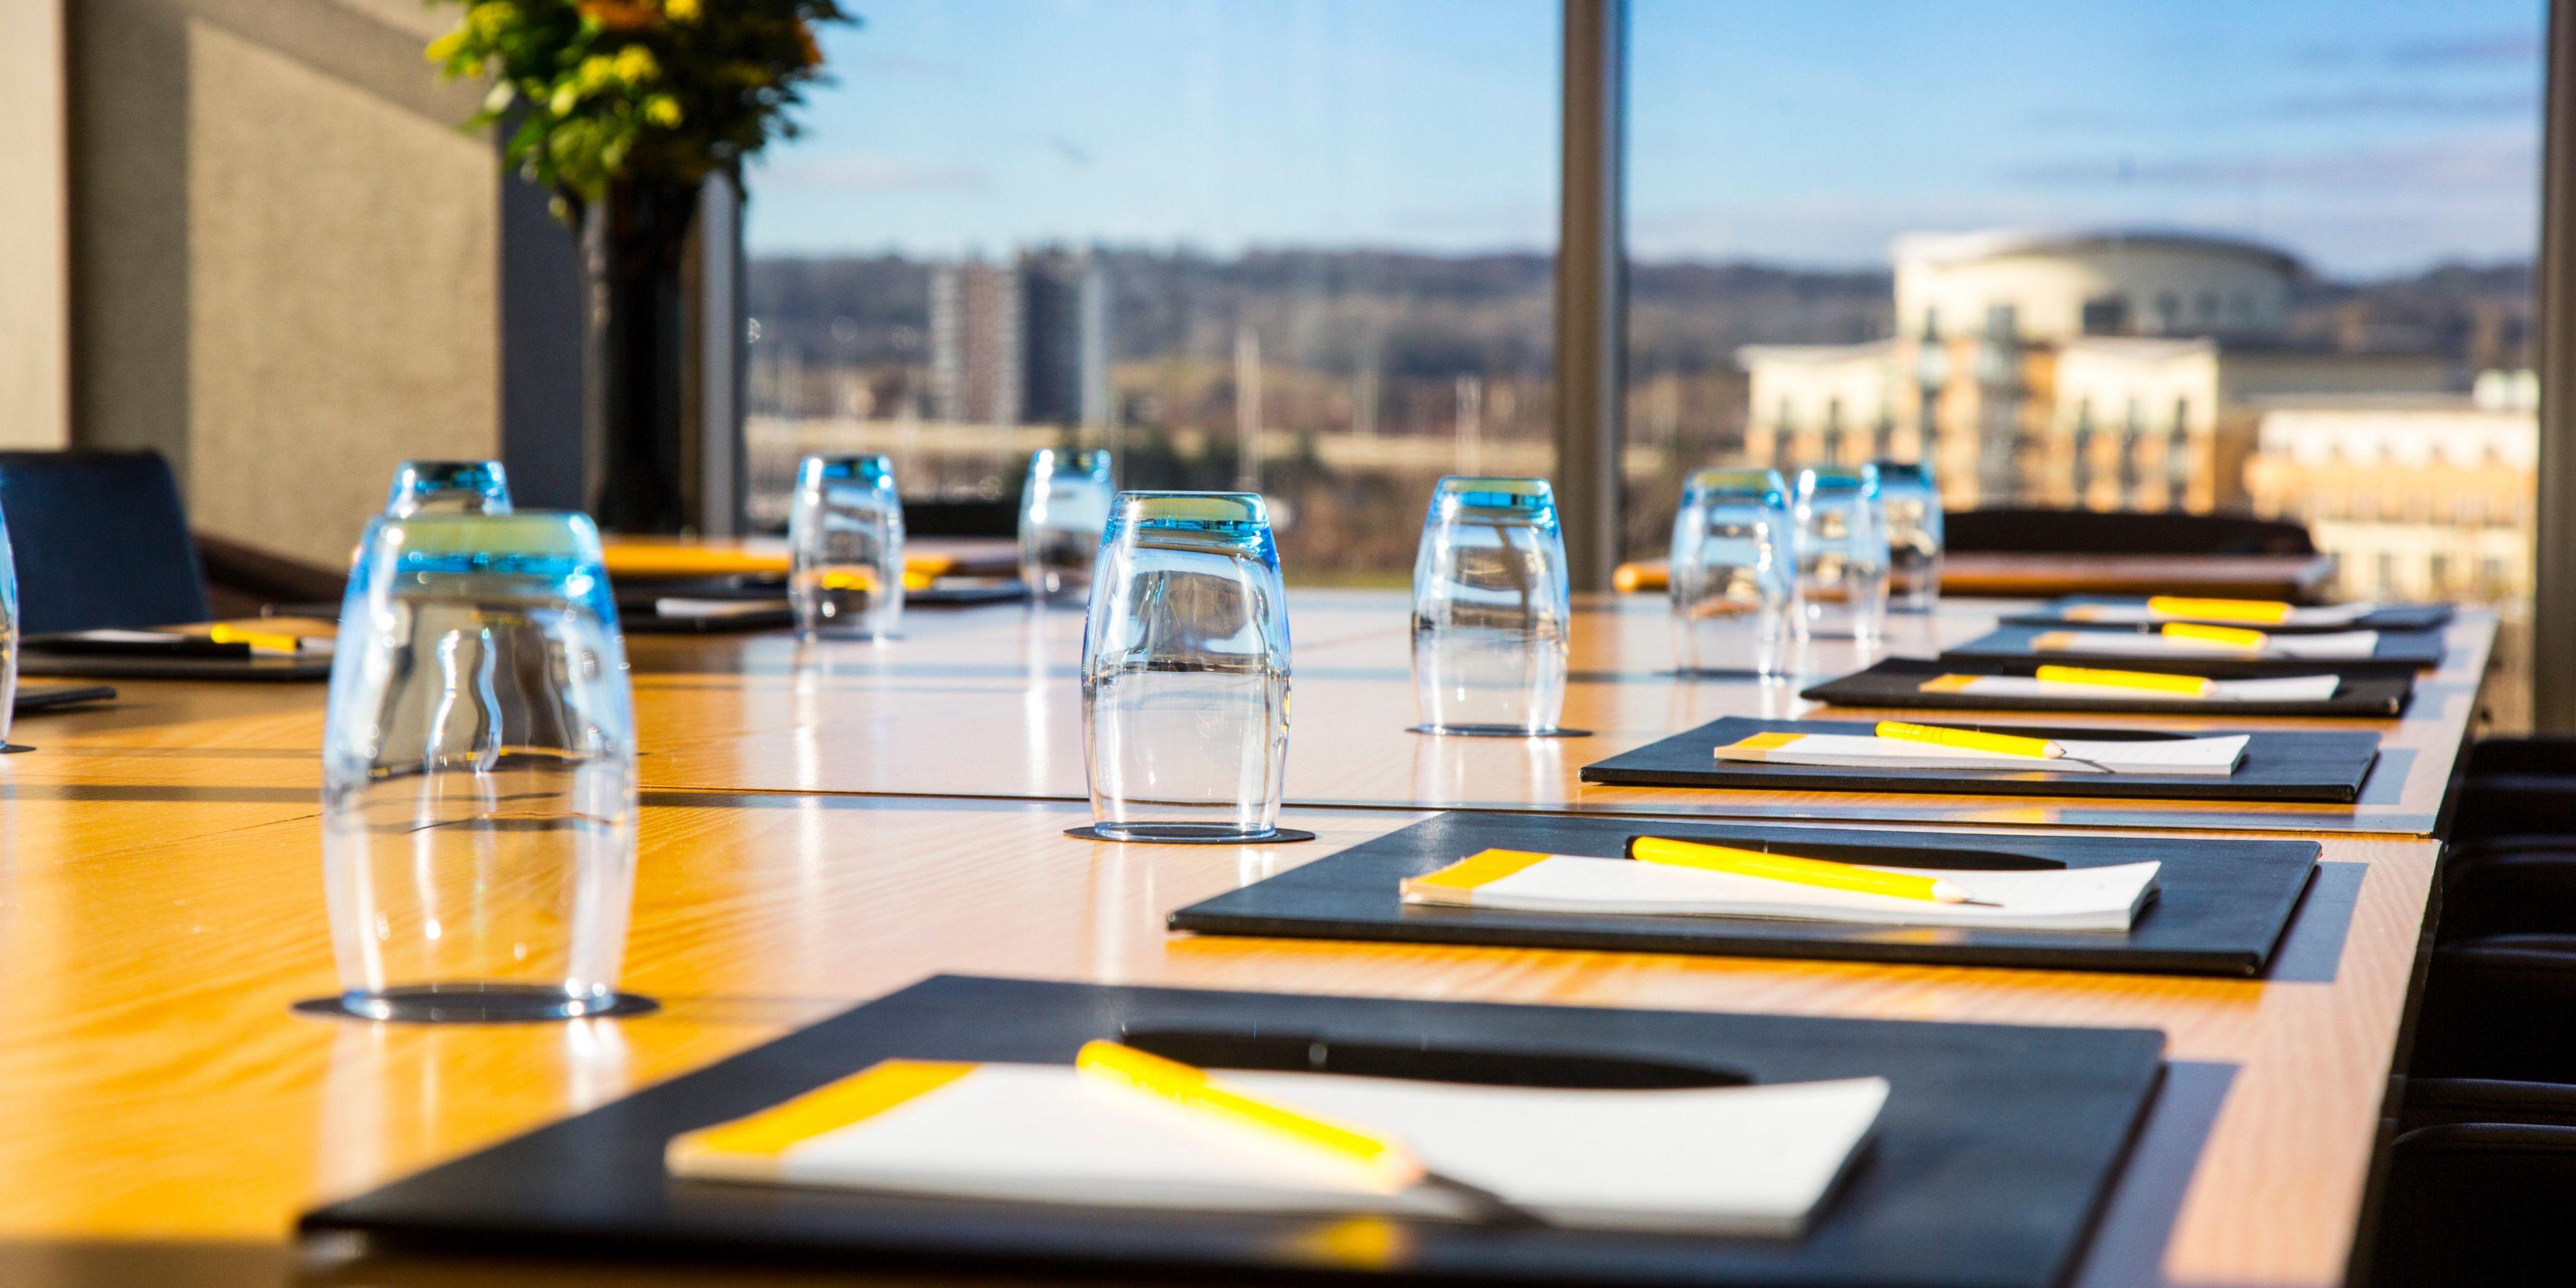 Waves Meeting Room